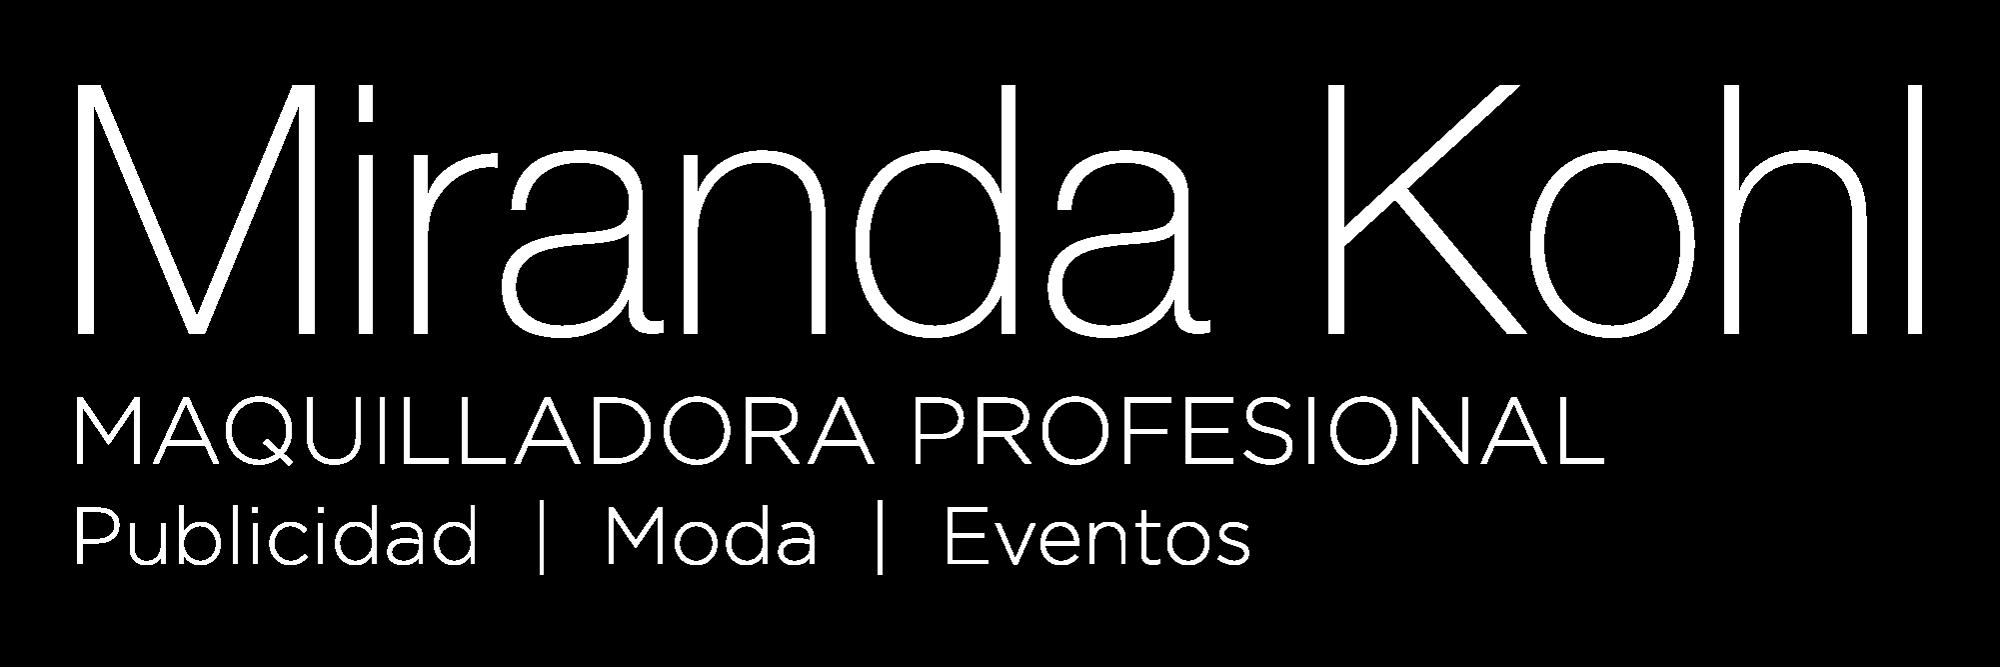 Miranda Kohl Maquilladora Profesional Publicidad Moda Eventos